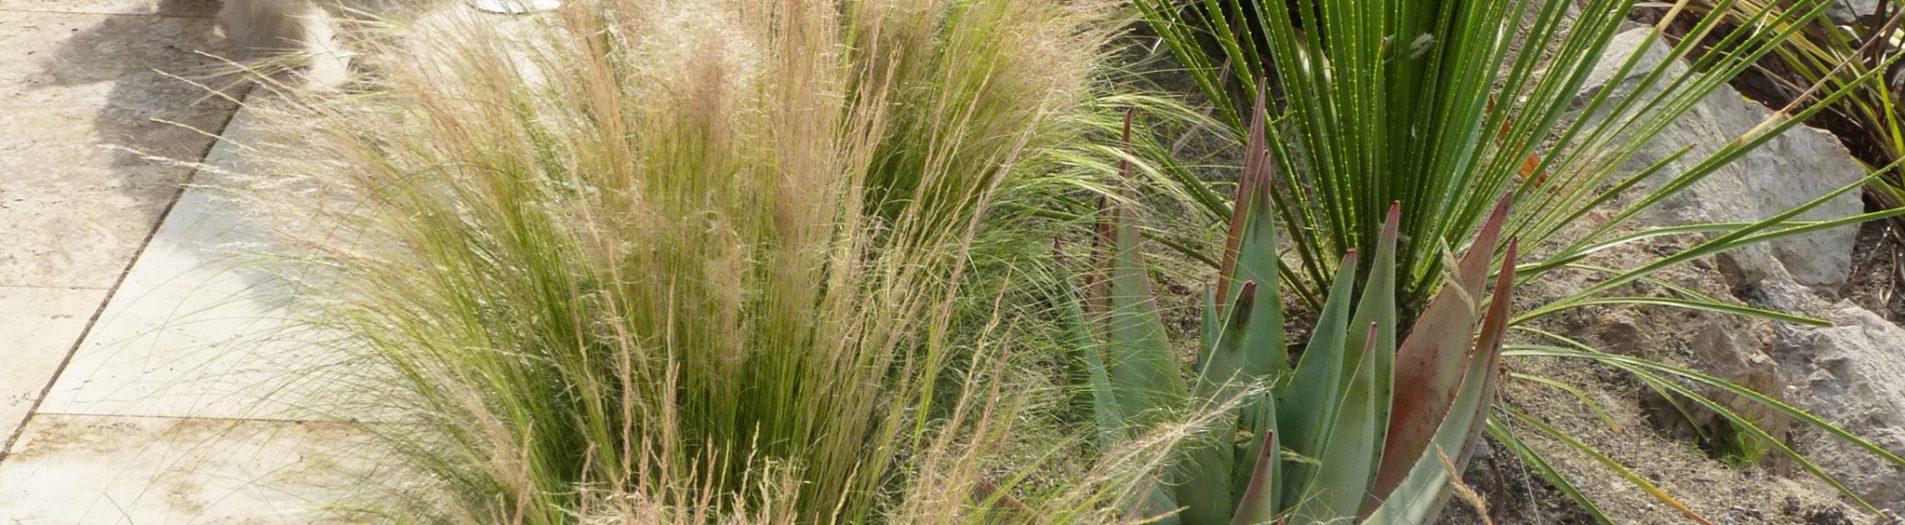 El mite del jardí sense manteniment